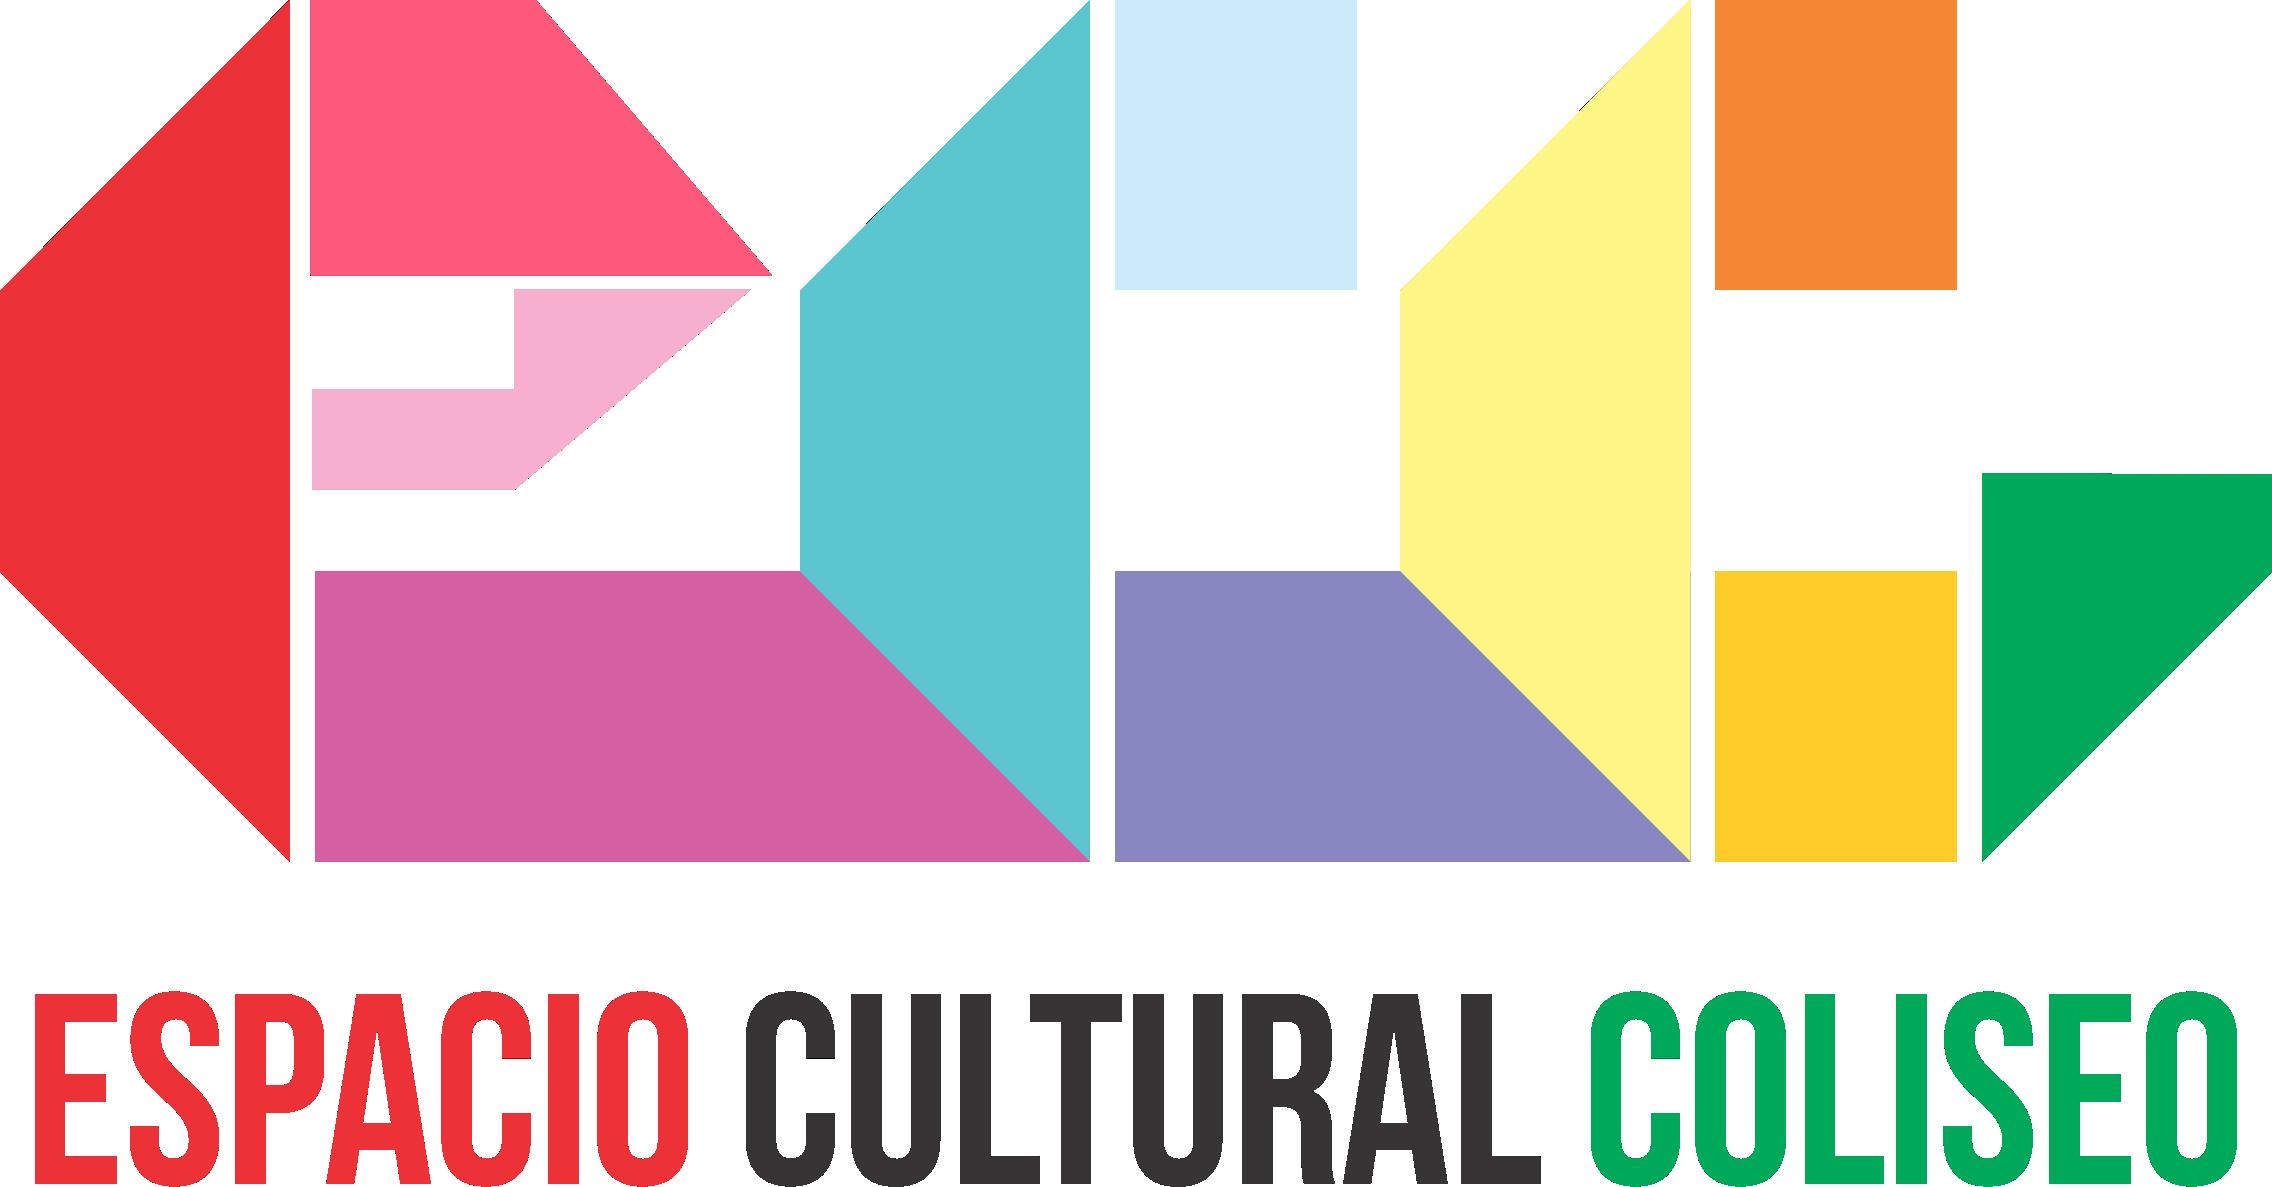 Espacio Cultural Coliseo